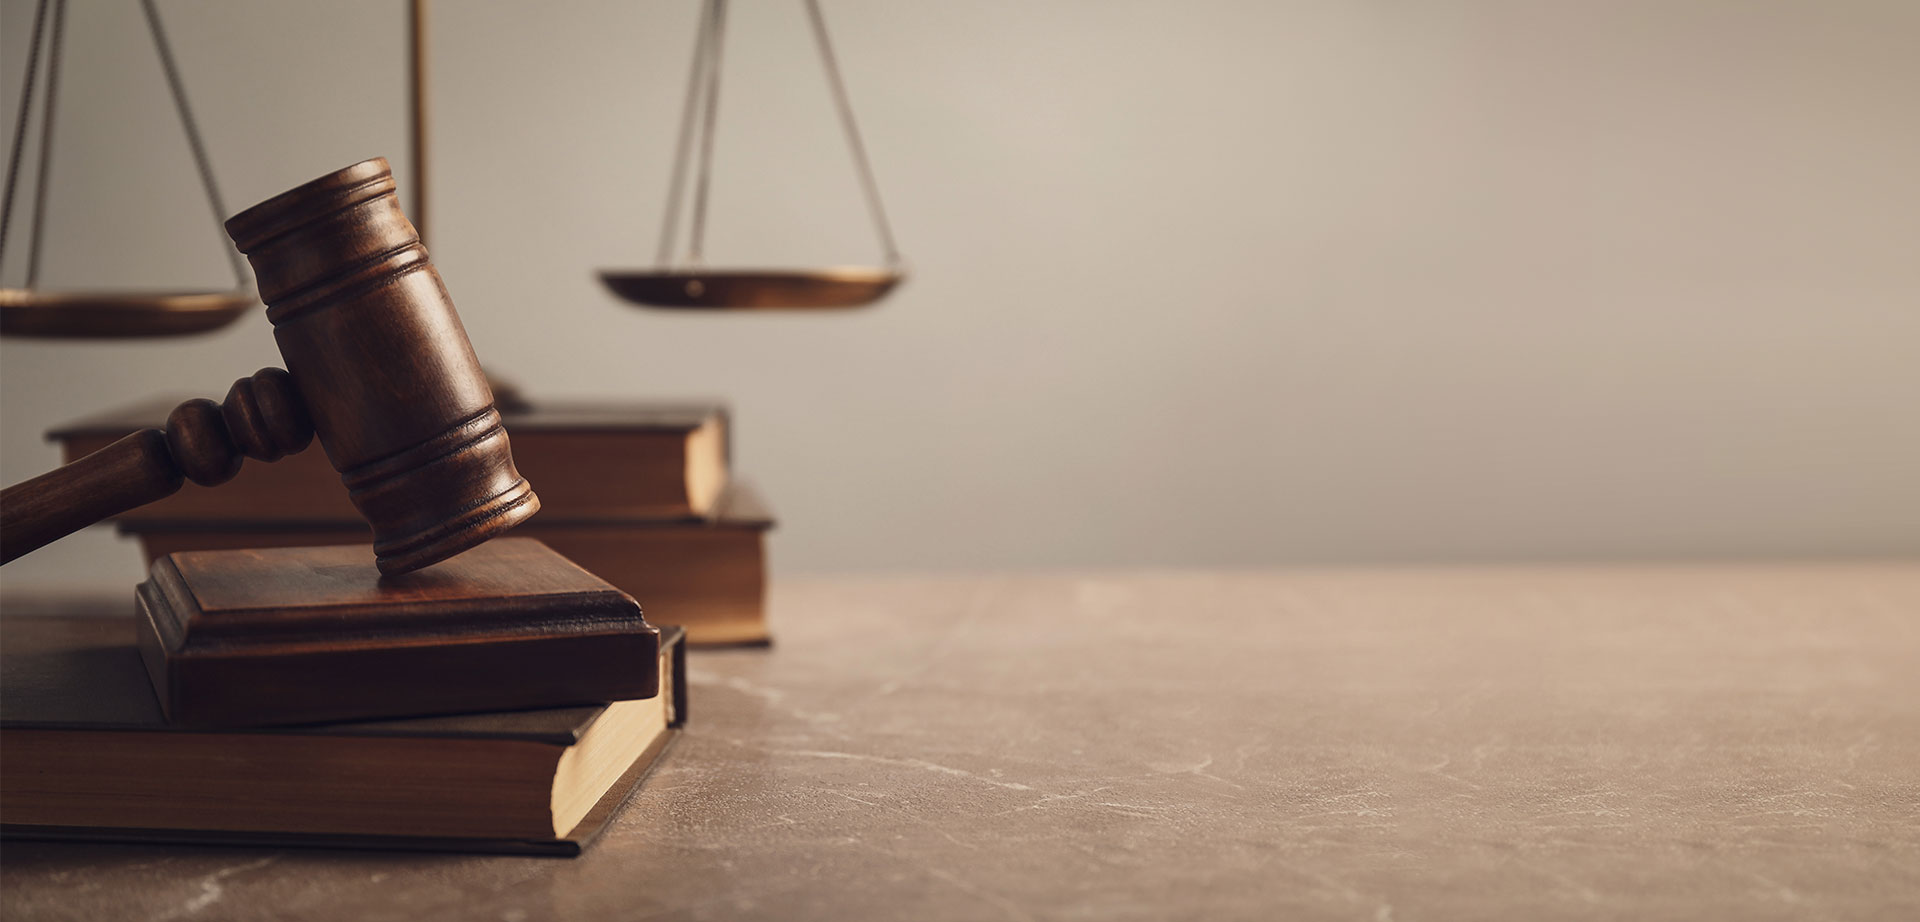 D. Kaufman Law Lawyer Services